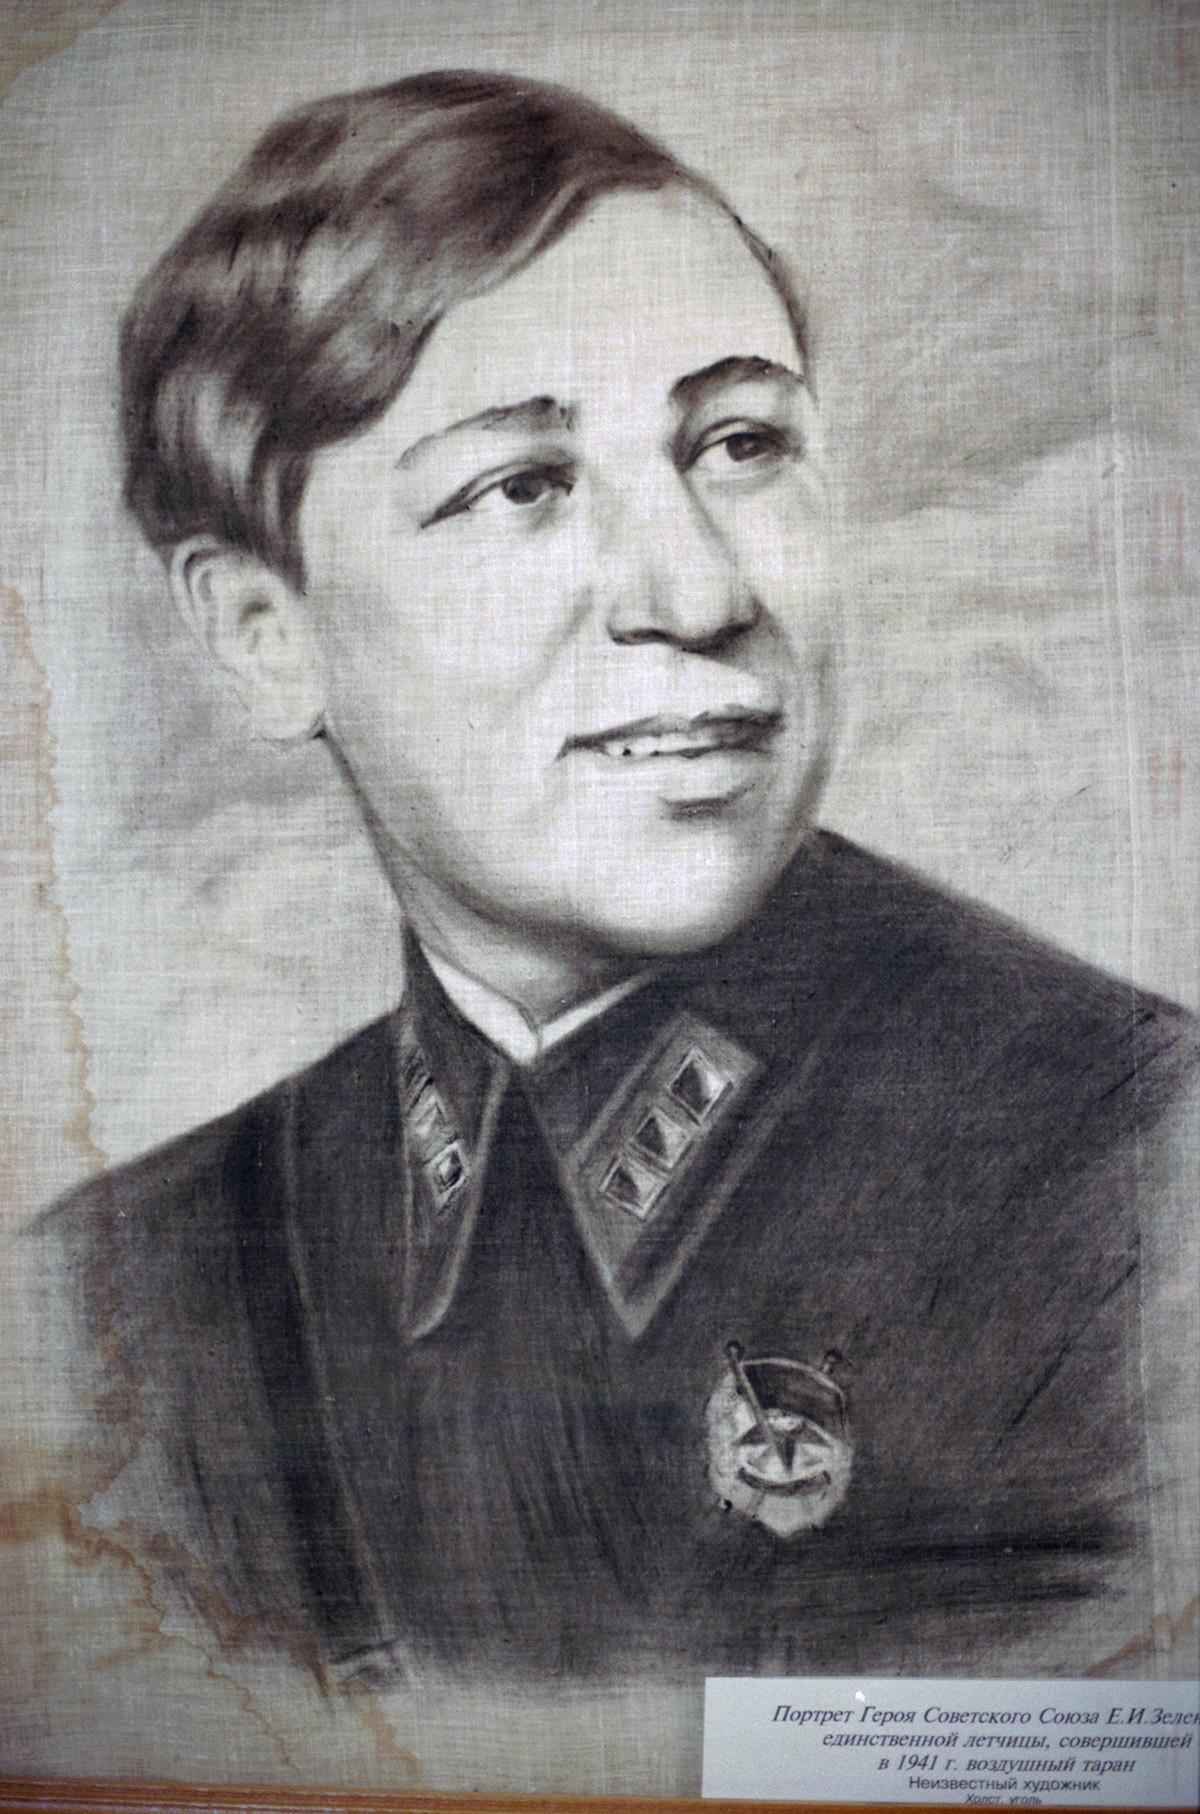 エカテリーナ・ゼレンコ